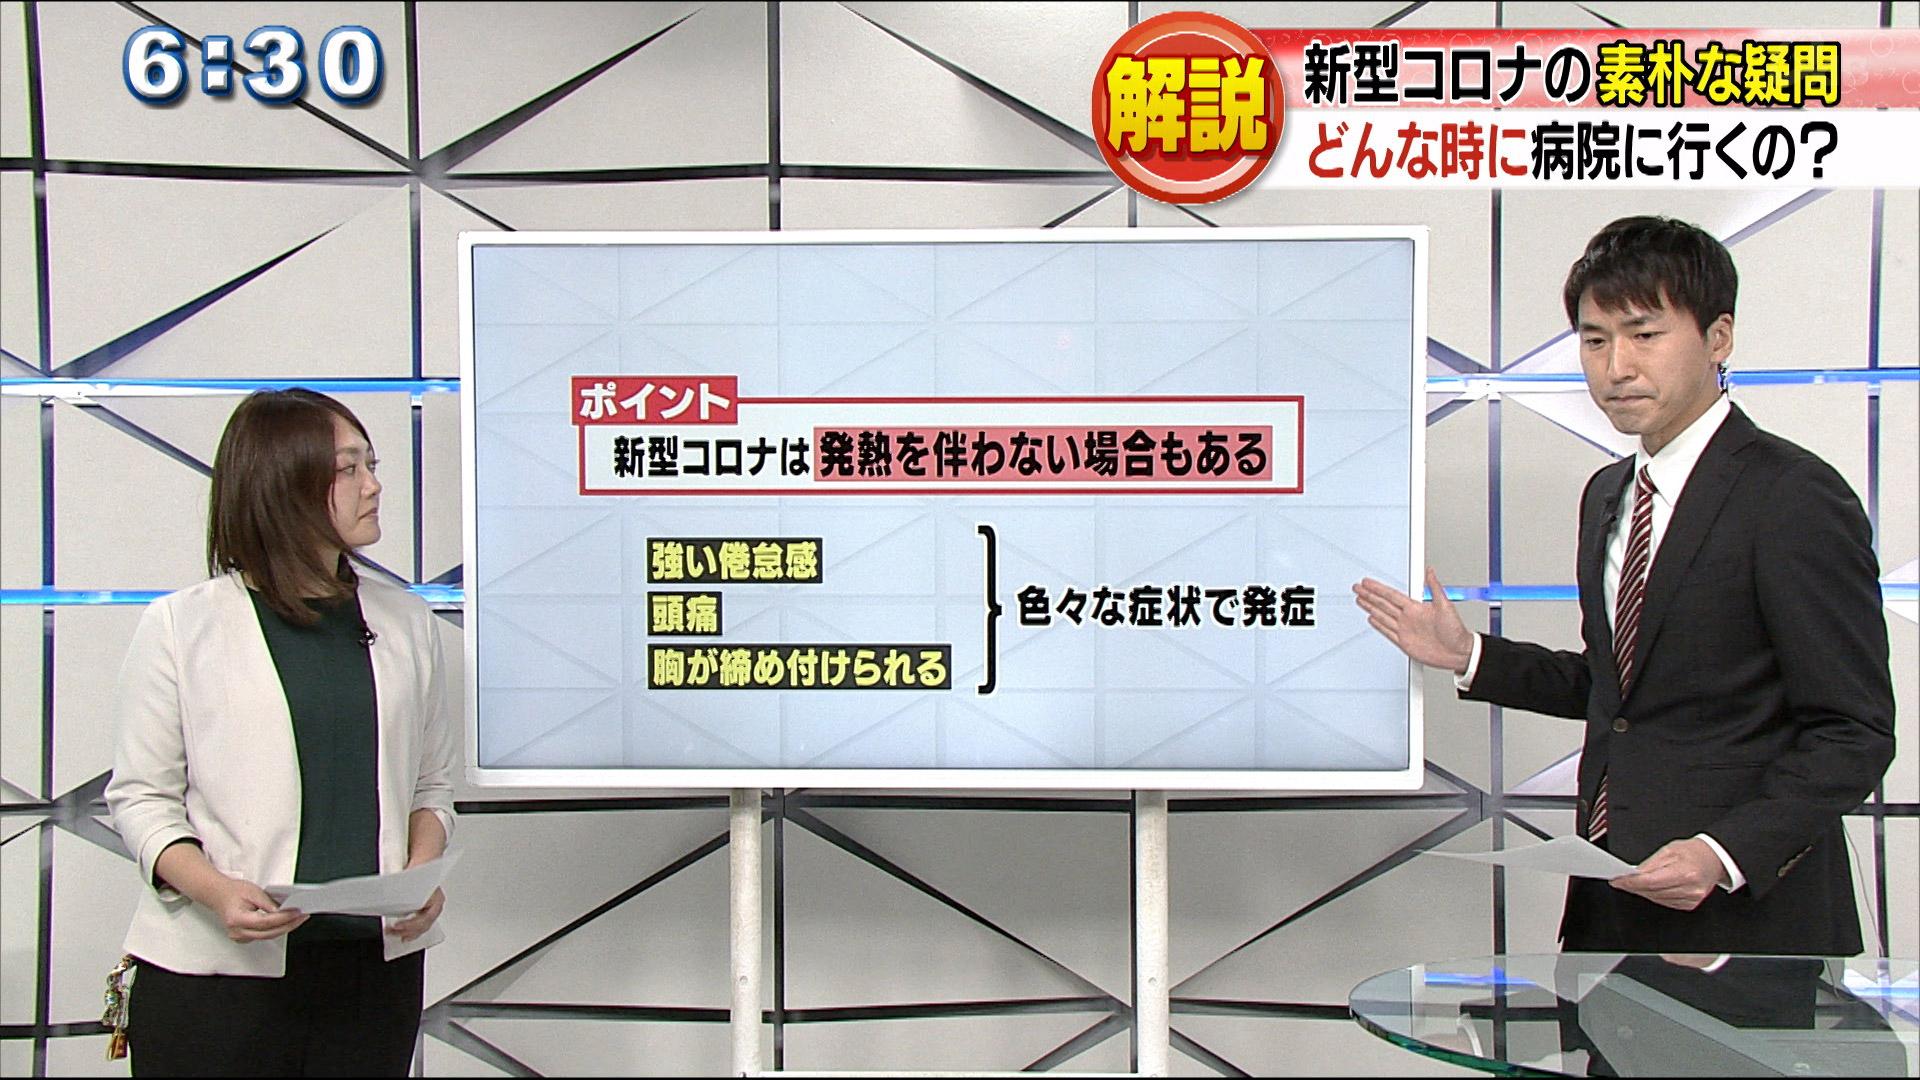 新型コロナ「平熱低くても37.5度?」素朴な疑問